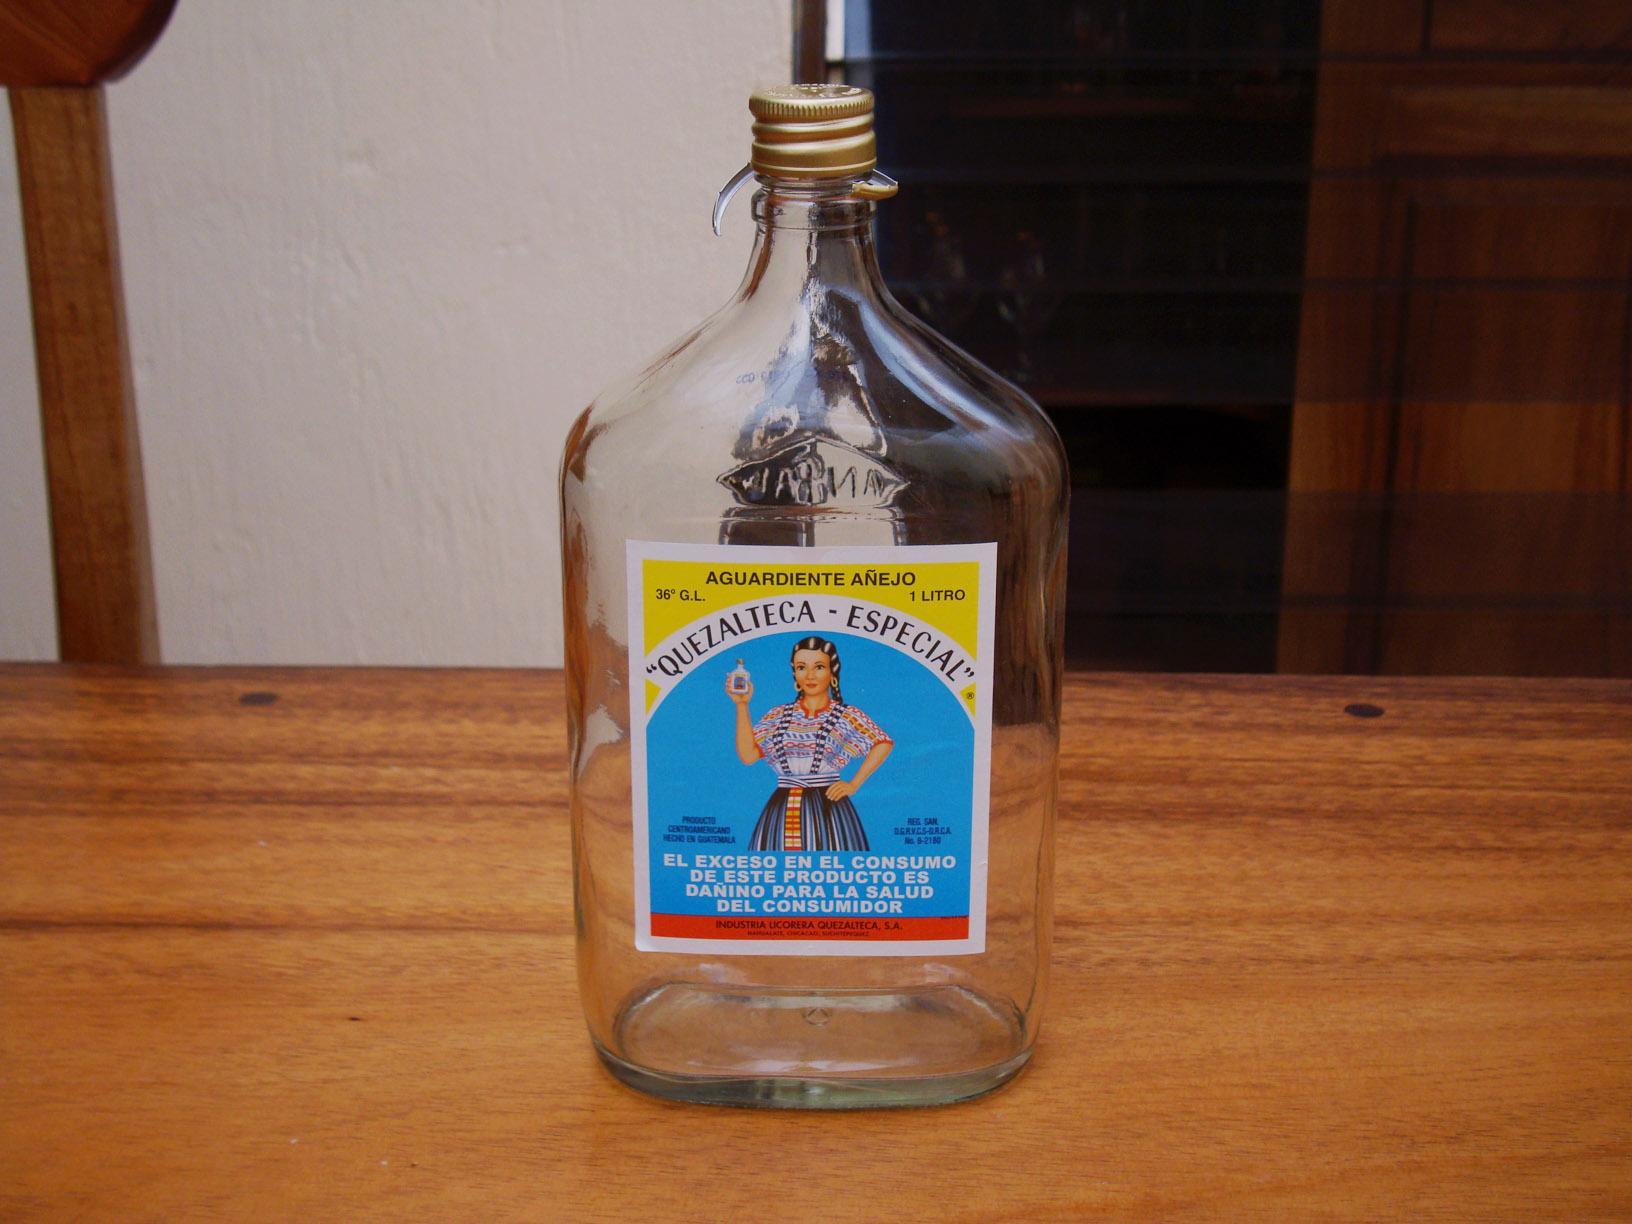 Drinks in Guatemala, drinks in Guatemala, Guatemalan drinks, Quetzalteca